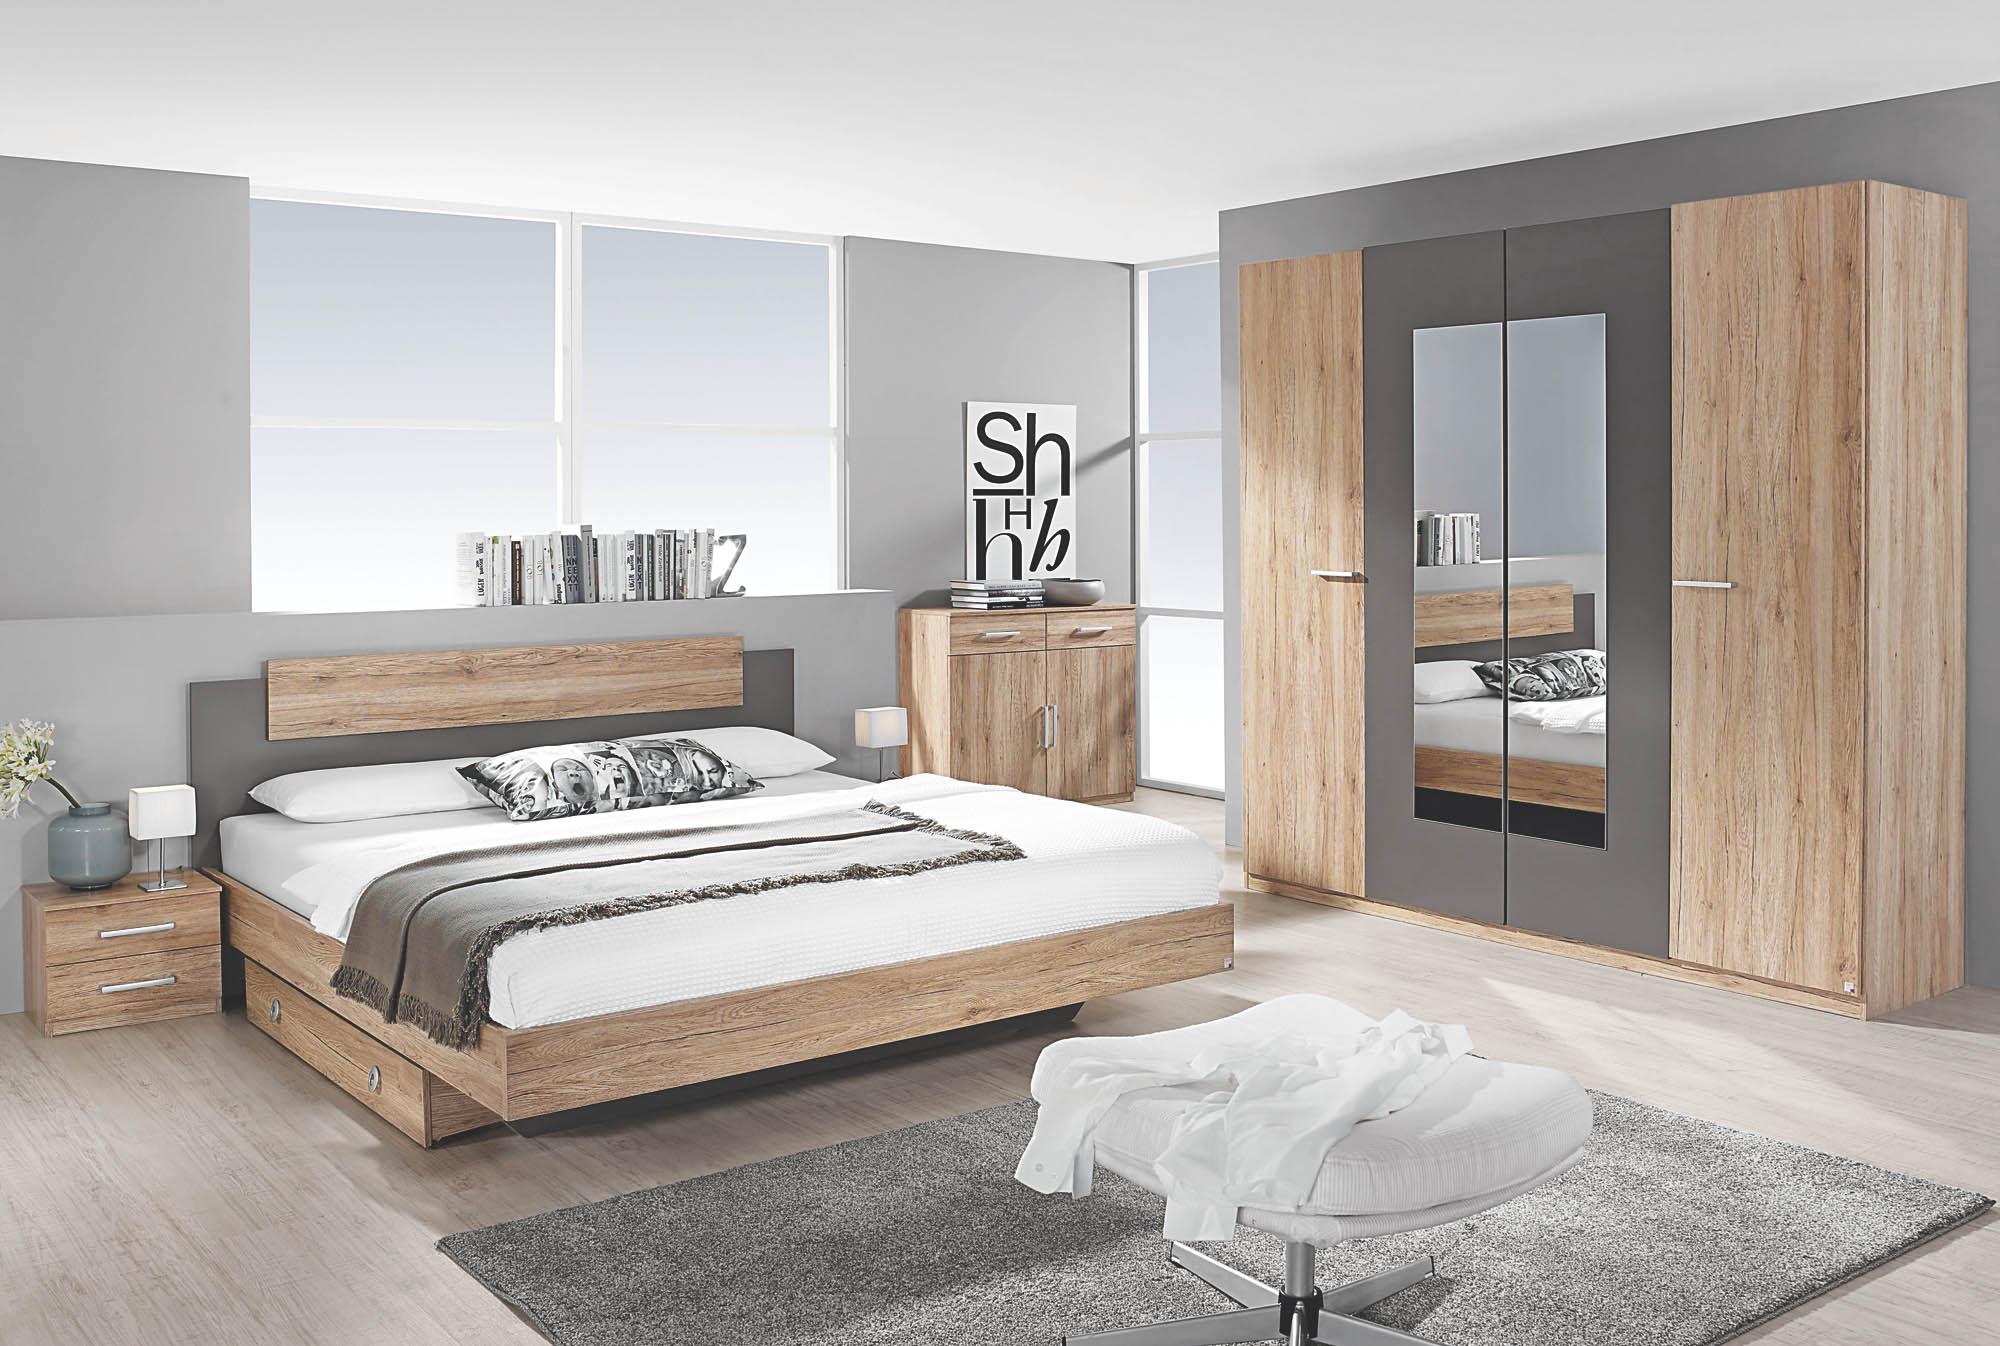 Schlafzimmer 4-tlg Borba von Rauch Packs mit 180x200 Bett alpinweiß / grau